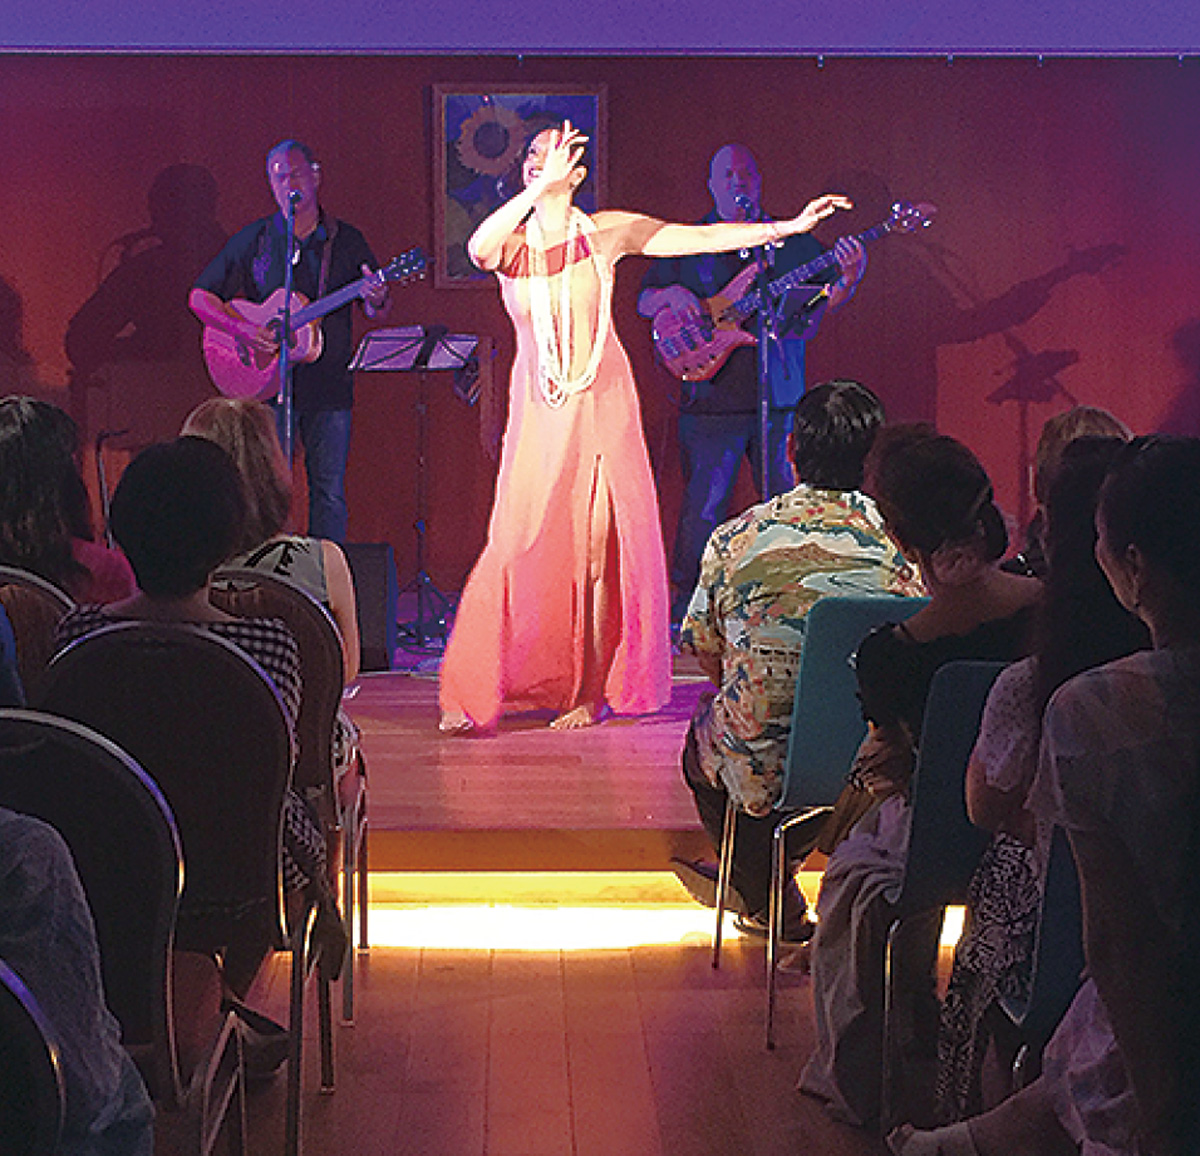 ハワイの音楽で観客を魅了